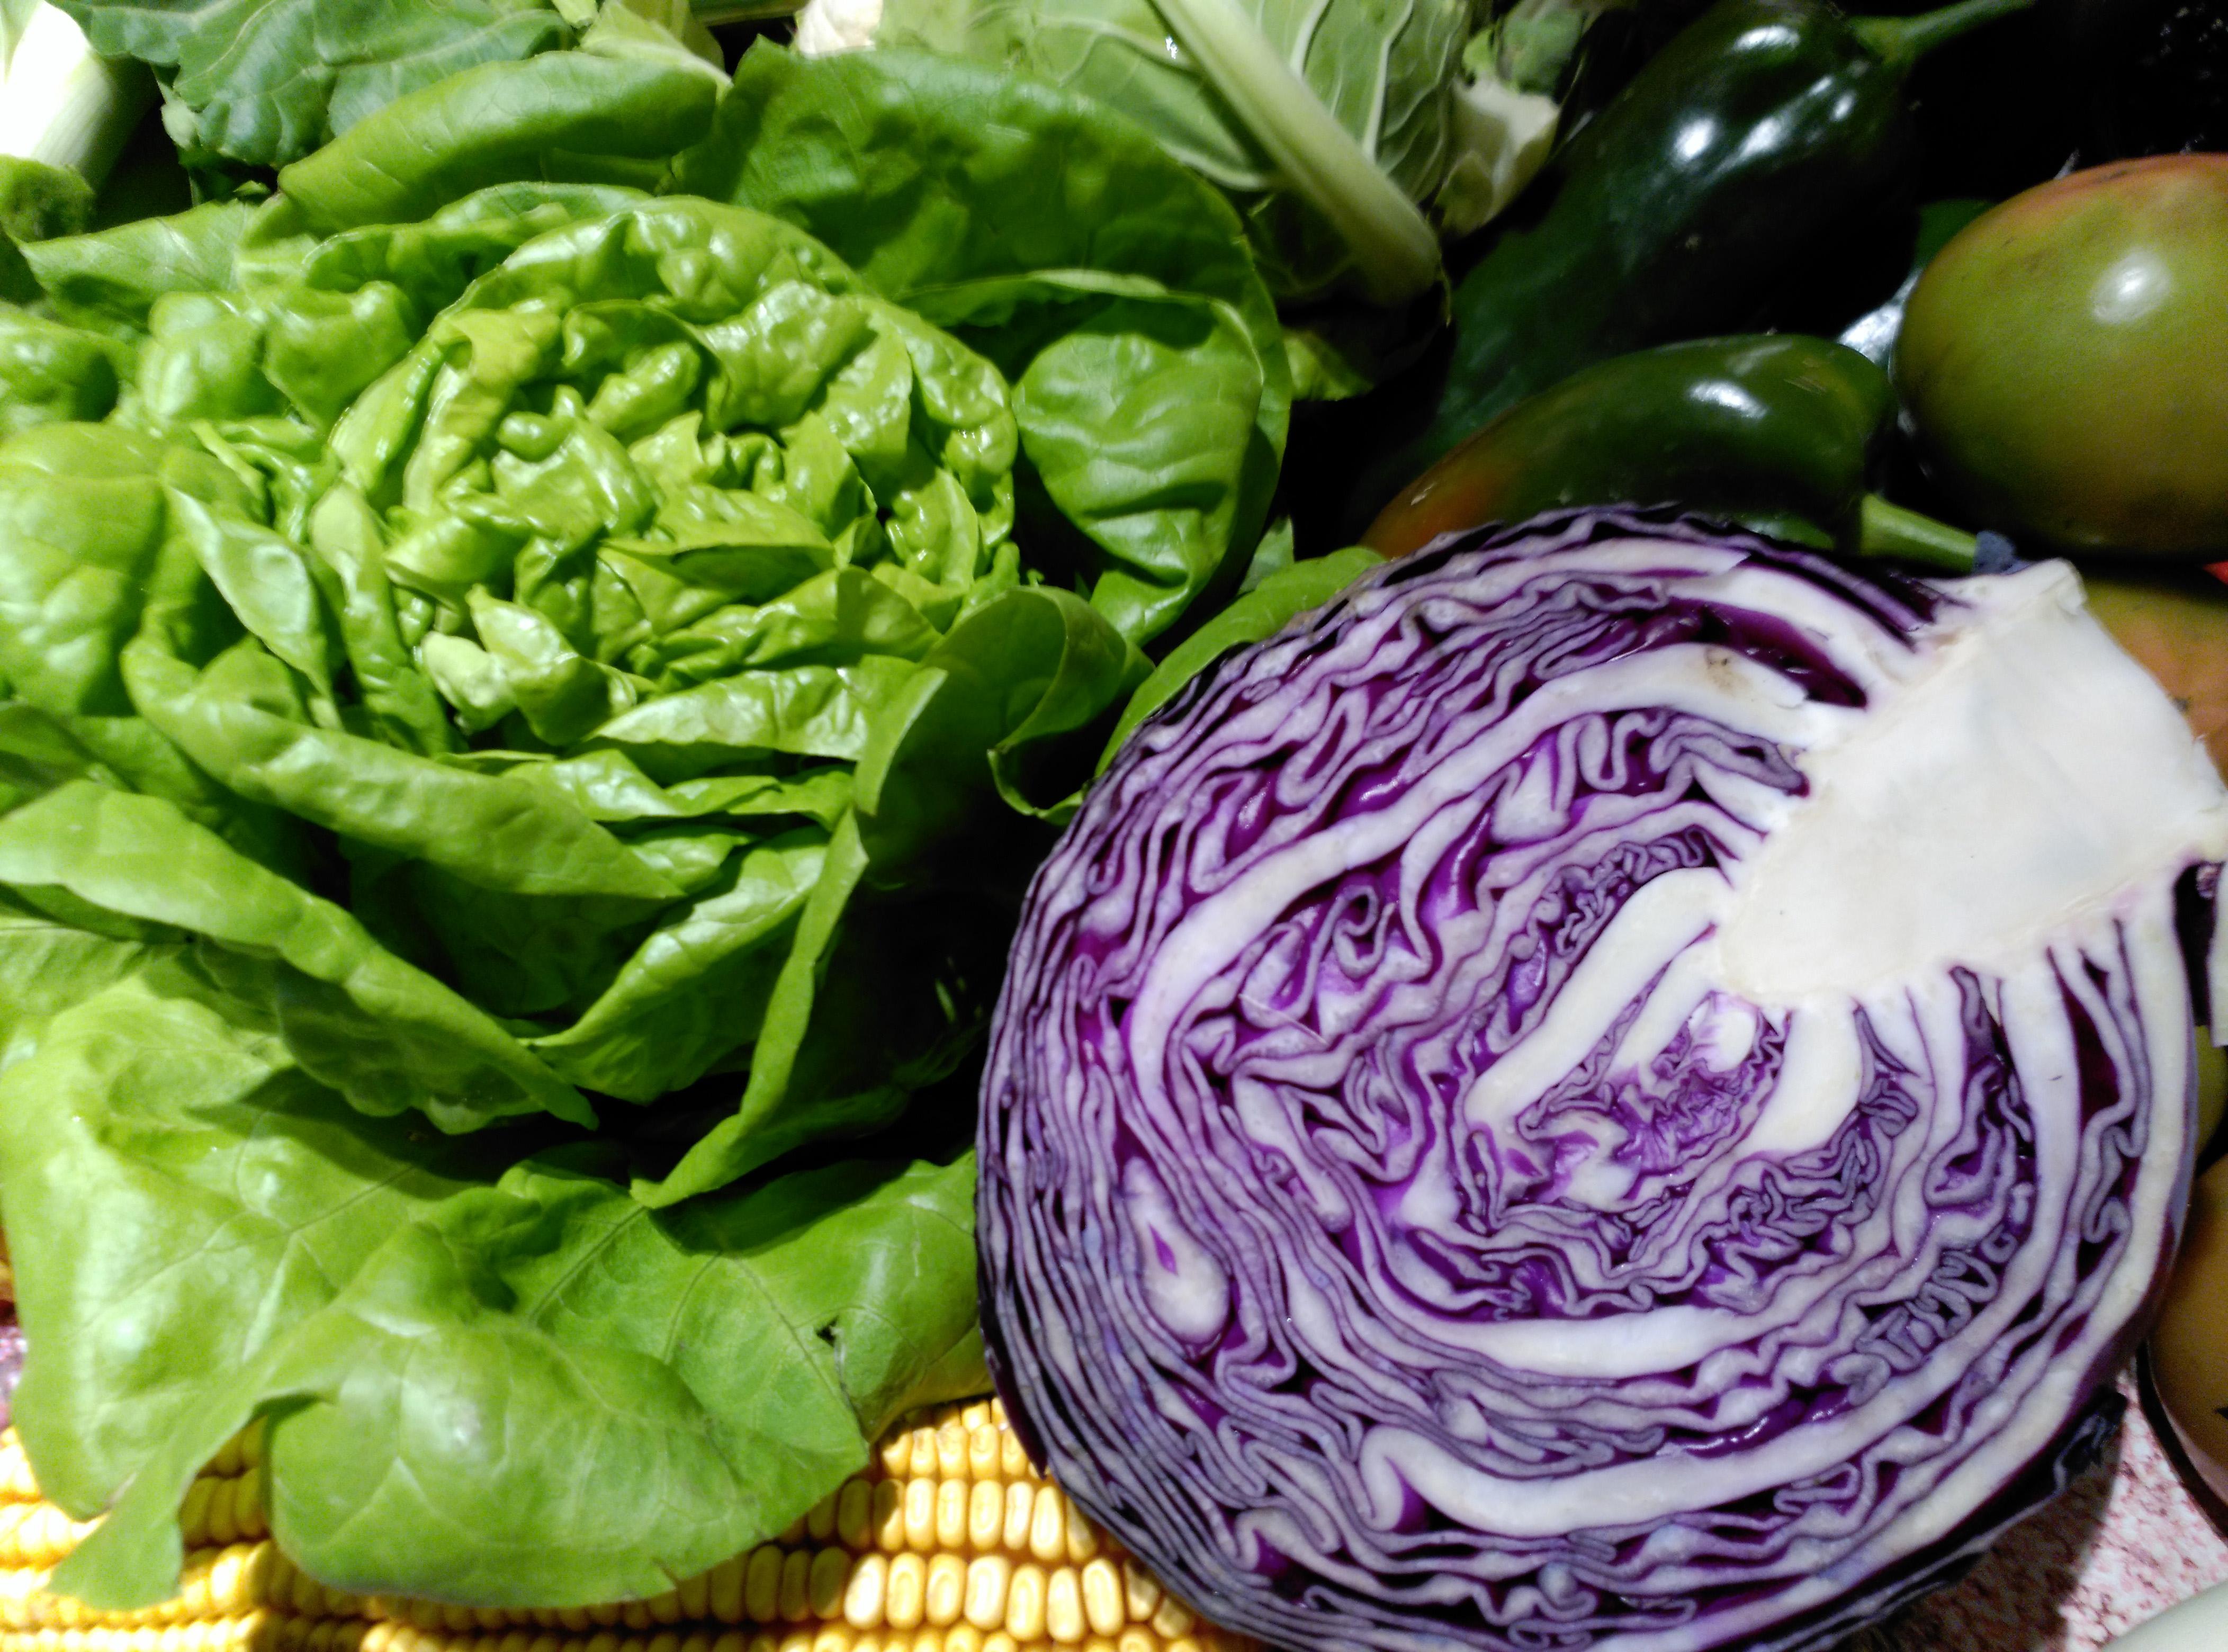 pacto-milan-alimentos-saludables